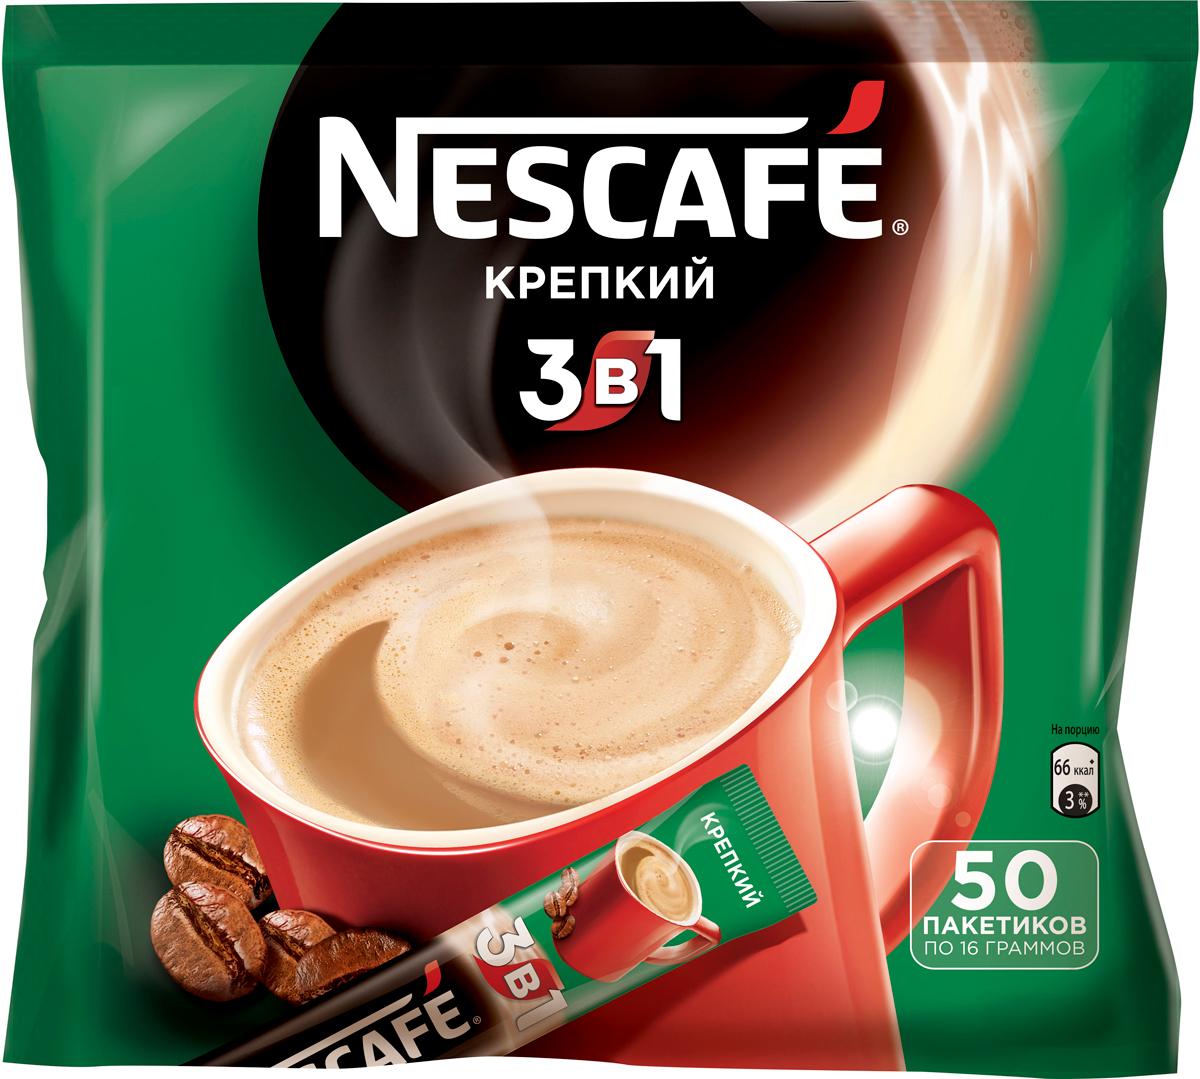 Nescafe 3 в 1 Крепкий кофе растворимый, 50 шт12235514Nescafe 3 в 1 Крепкий - кофейно-сливочный напиток, в состав которого входят высококачественные ингредиенты: кофе Nescafe, сахар, сливки растительного происхождения. Каждый пакетик Nescafe 3 в 1 подарит вам идеальное сочетание кофе, сливок, сахара!Кофе: мифы и факты. Статья OZON Гид